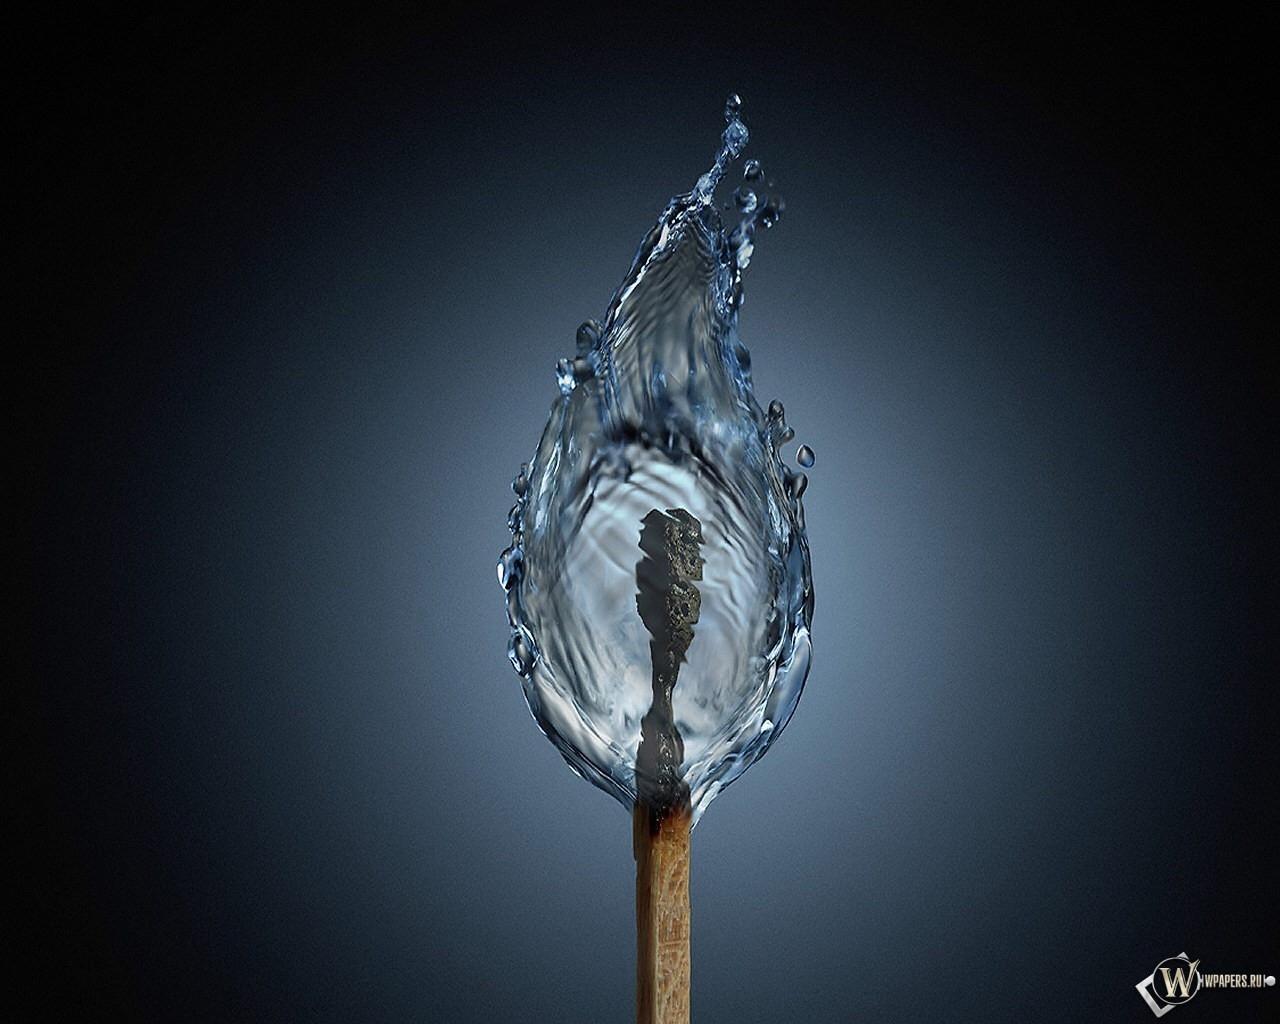 Вода из спички 1280x1024